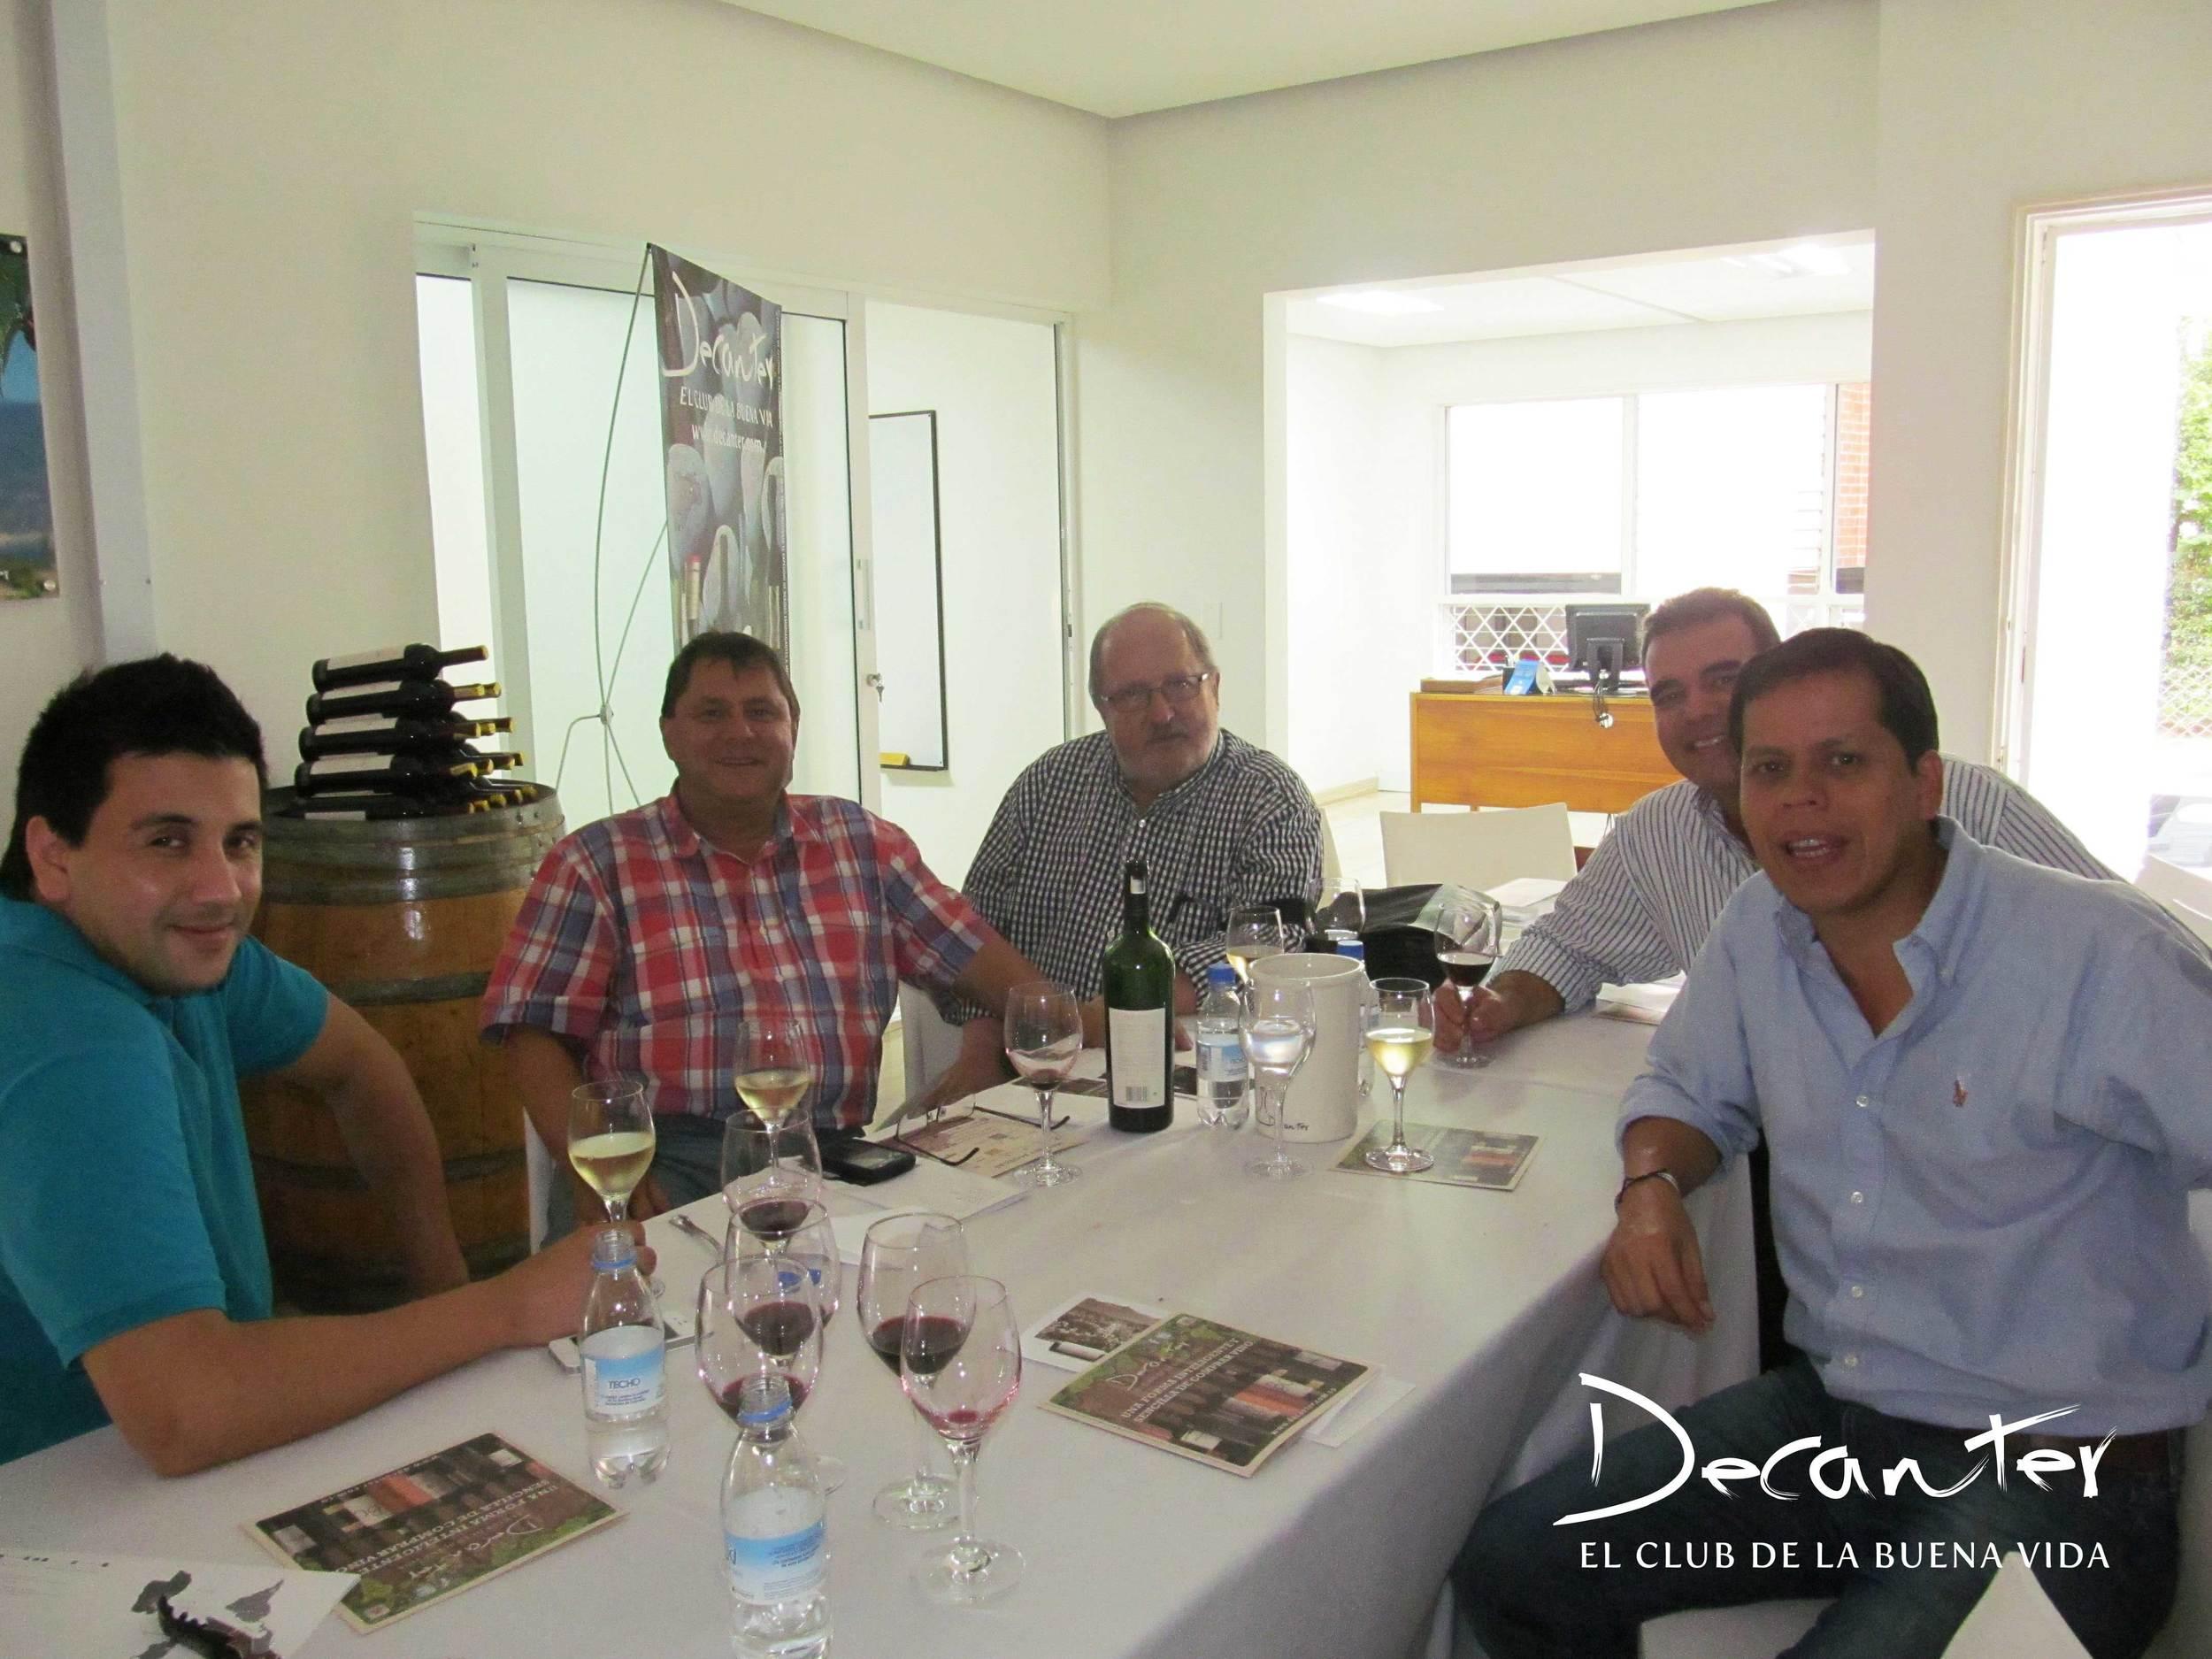 Después de la charla y el almuerzo, algunos de los invitados se quedaron terminando de compartir los vinos destapados.